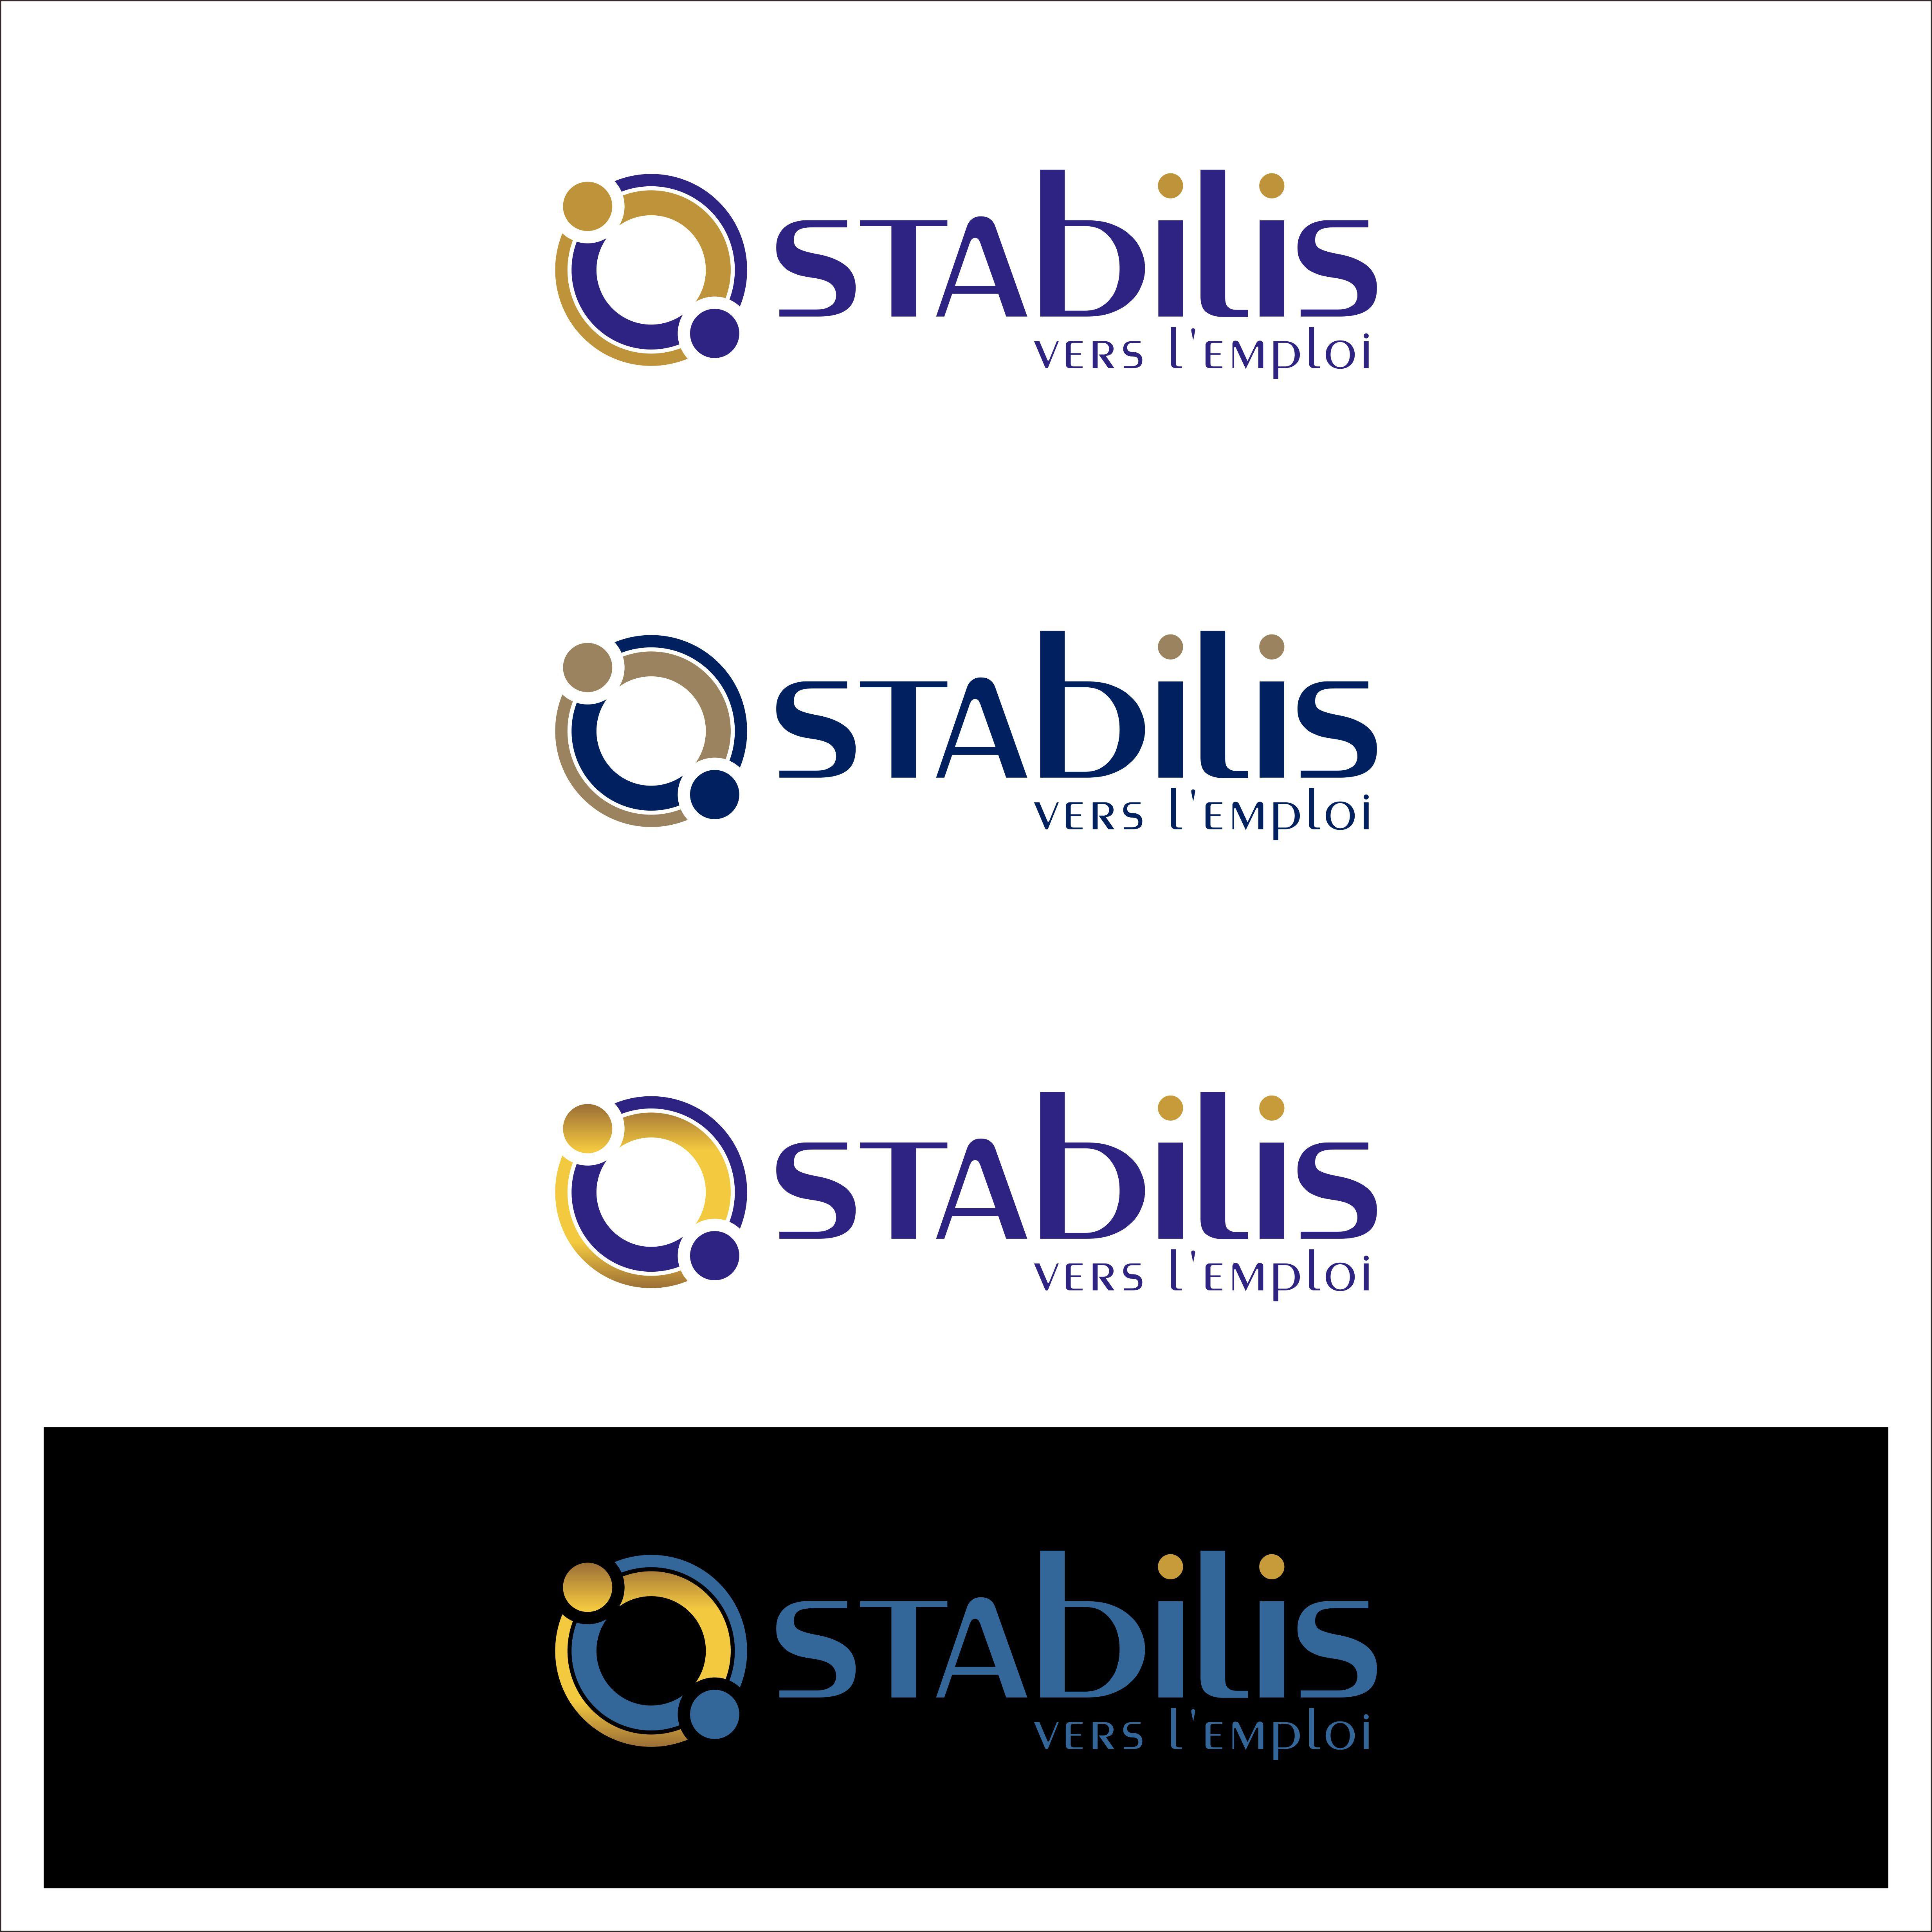 Créer pour Stabilis un logo donnant l'image d'un service simple par une entreprise performante